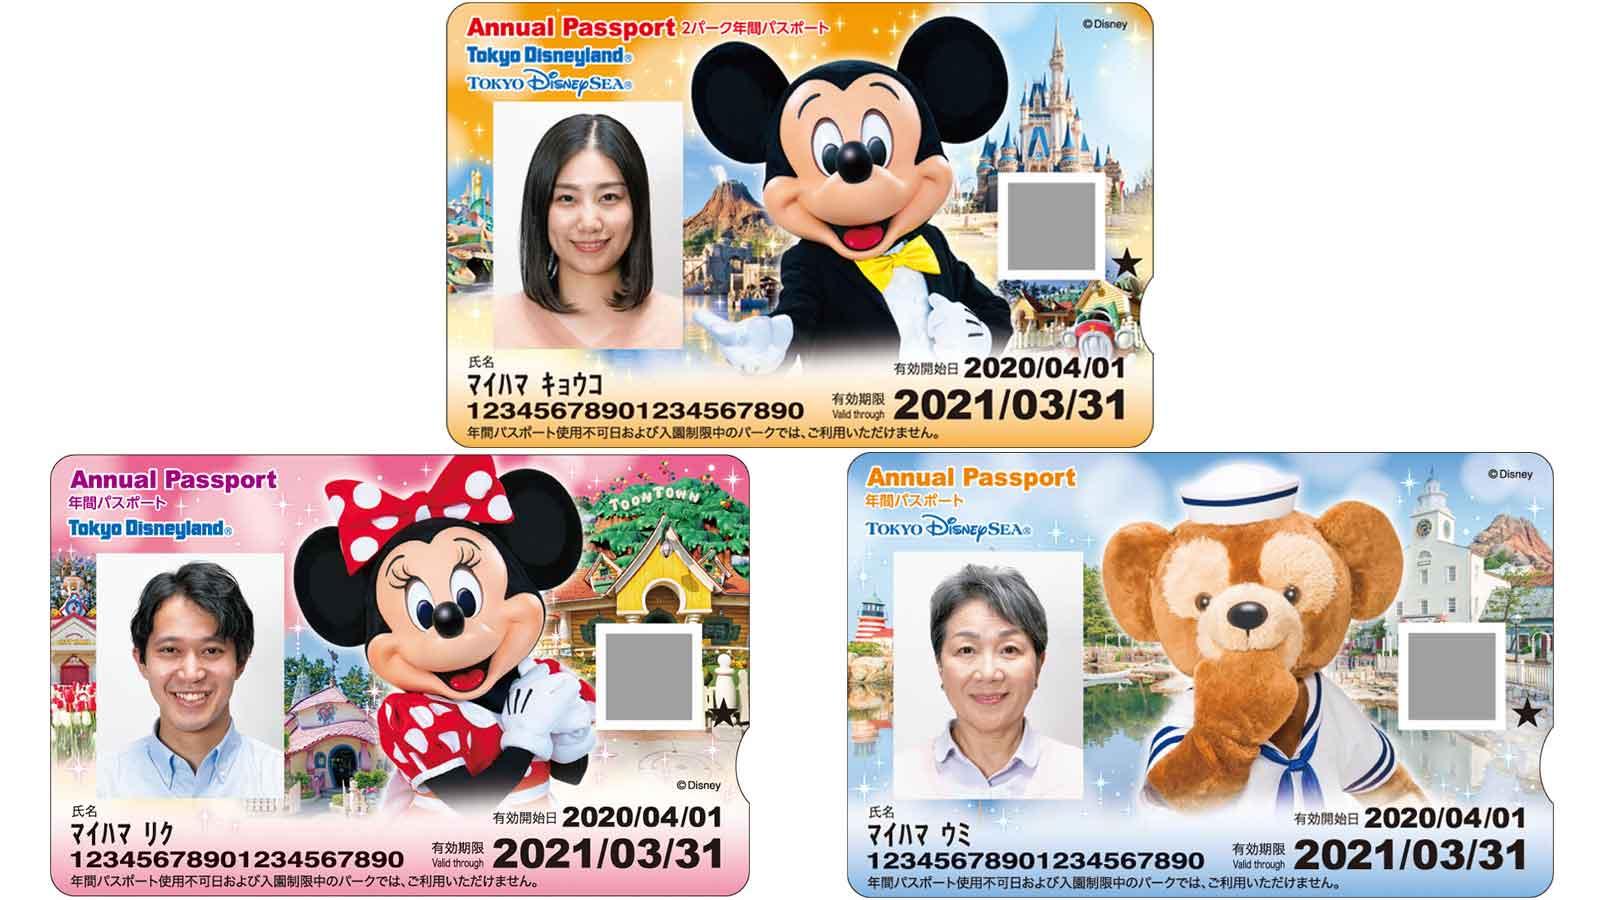 いくら ディズニー 年間 パスポート